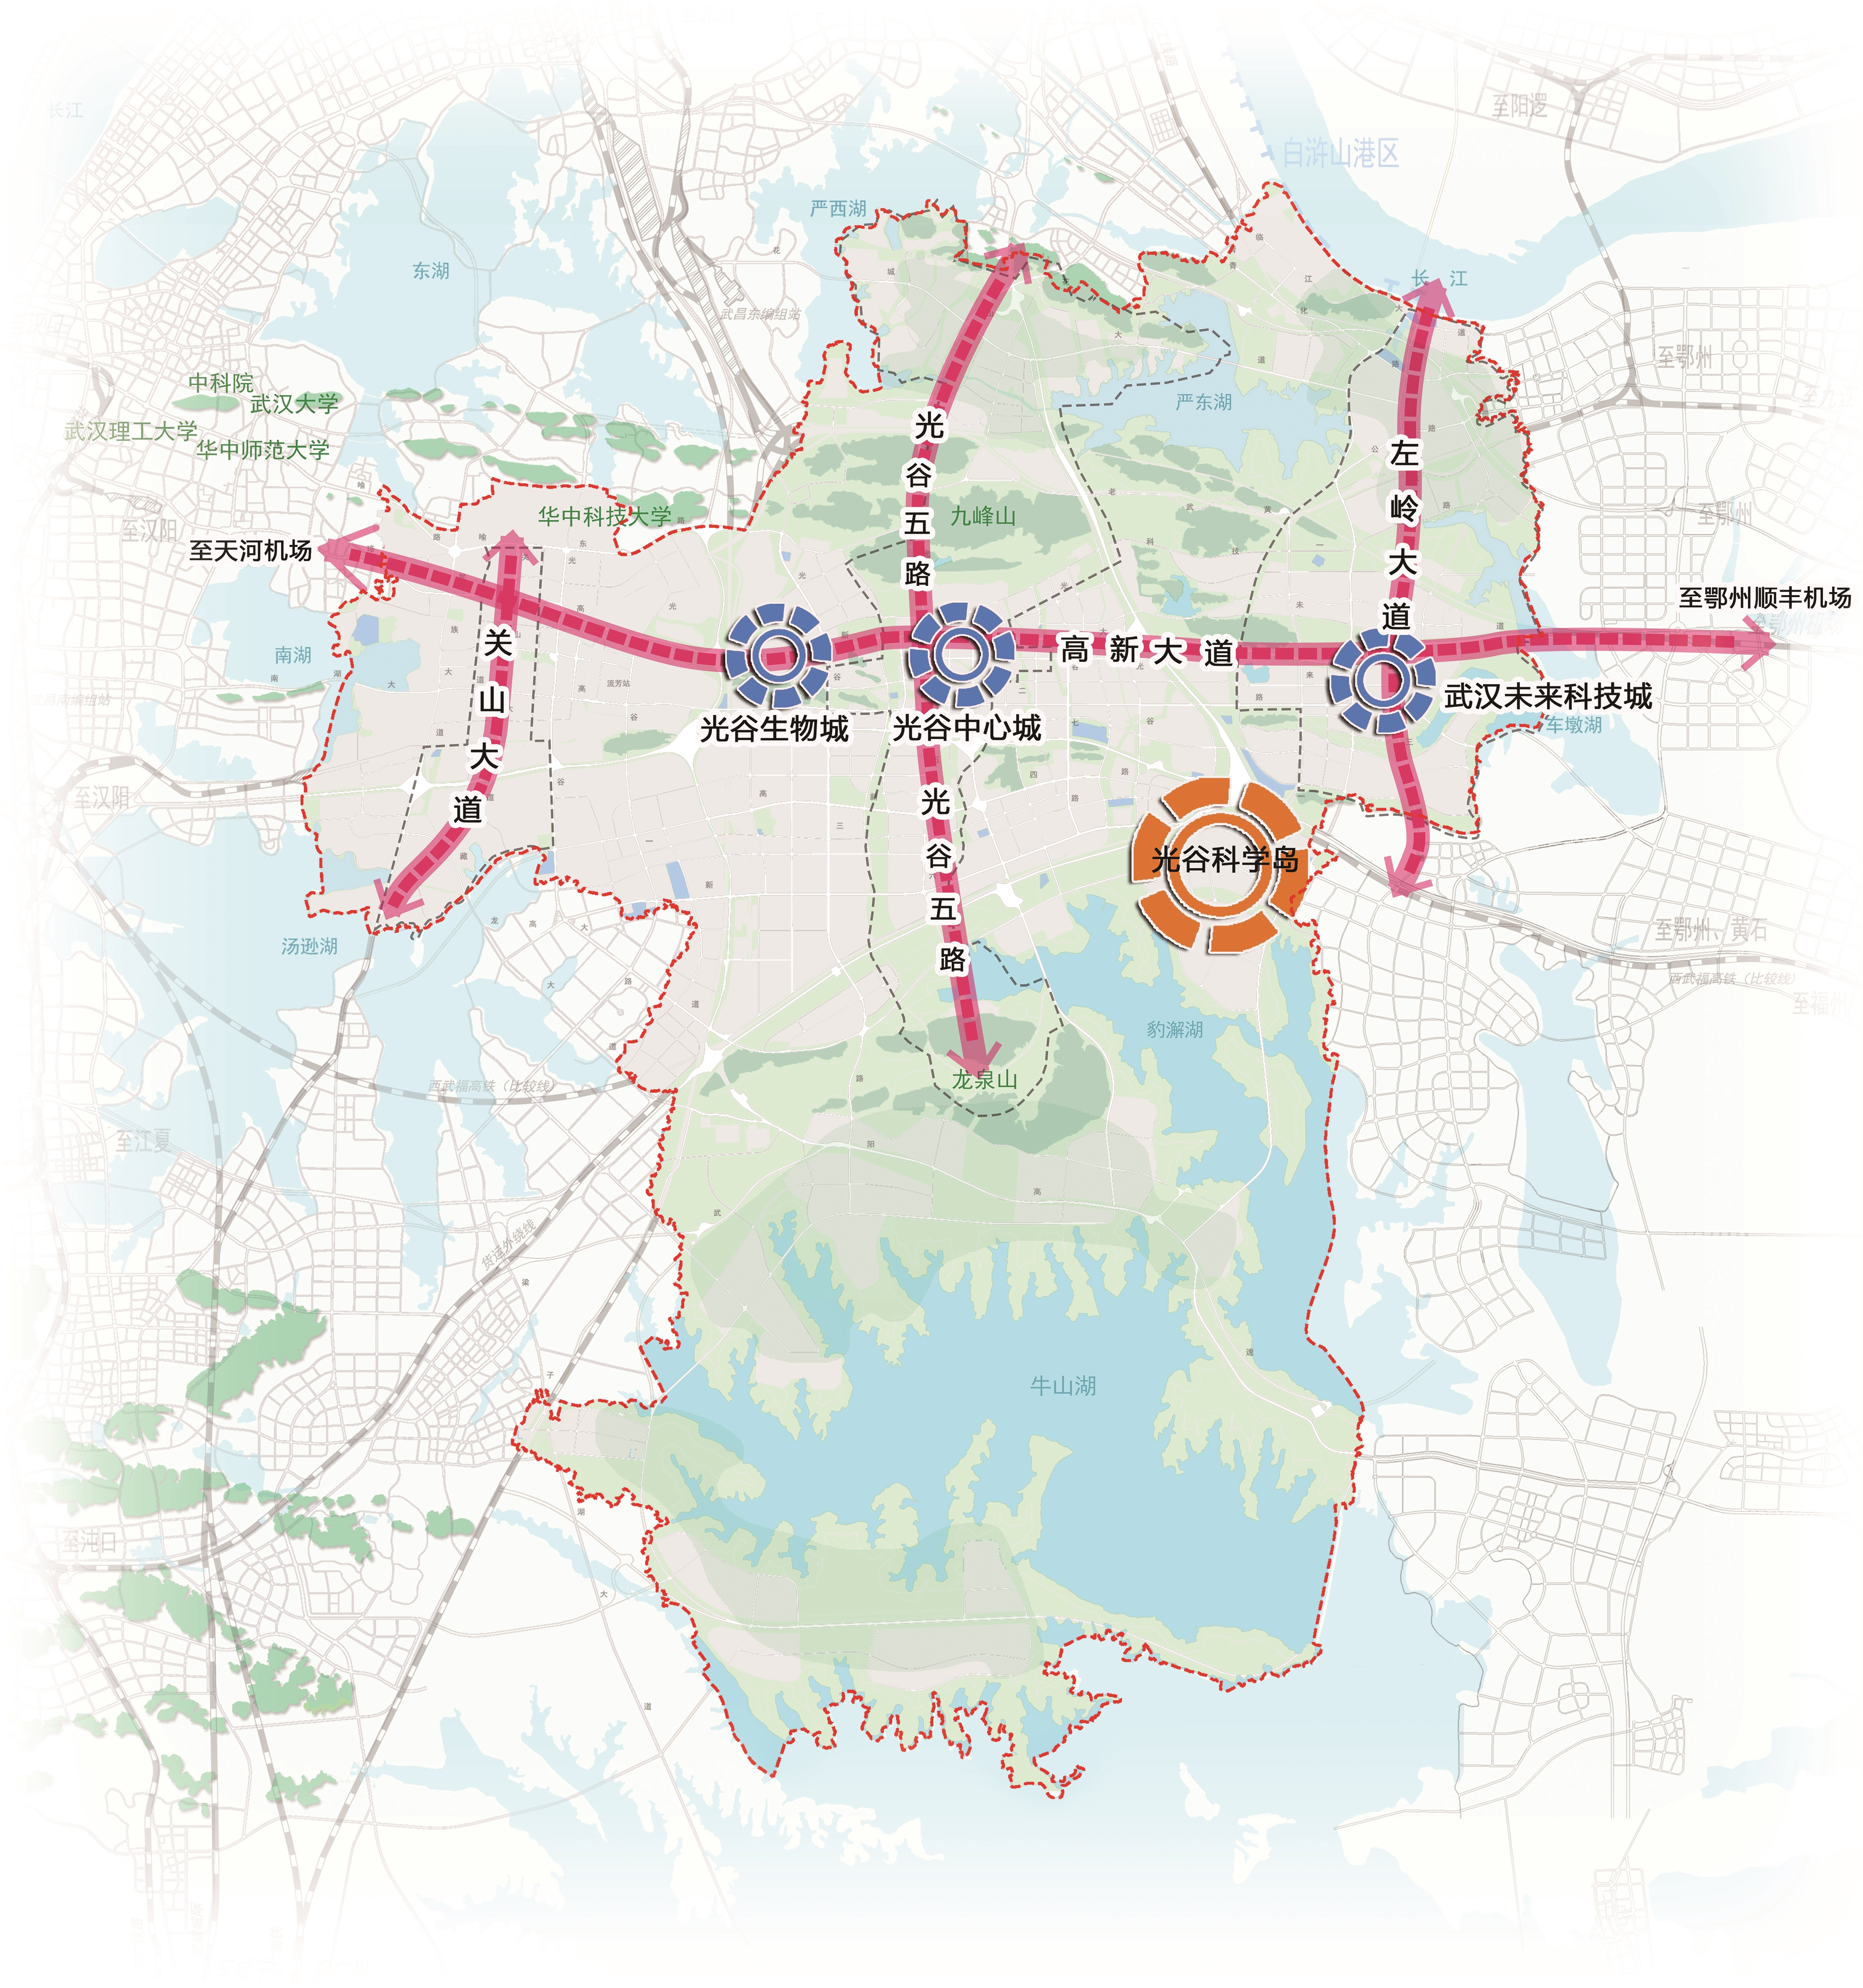 光谷科技创新大走廊核心承载区:湖北全域创新的战略驱动极